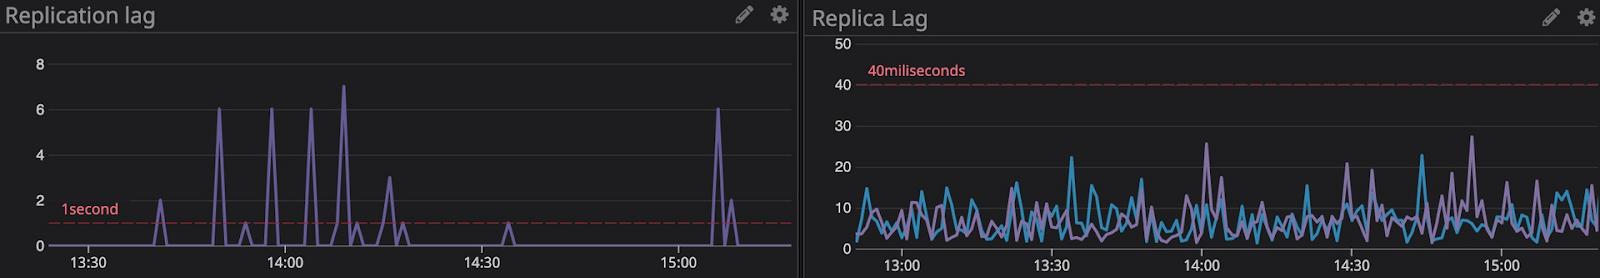 Replica lag screenshot